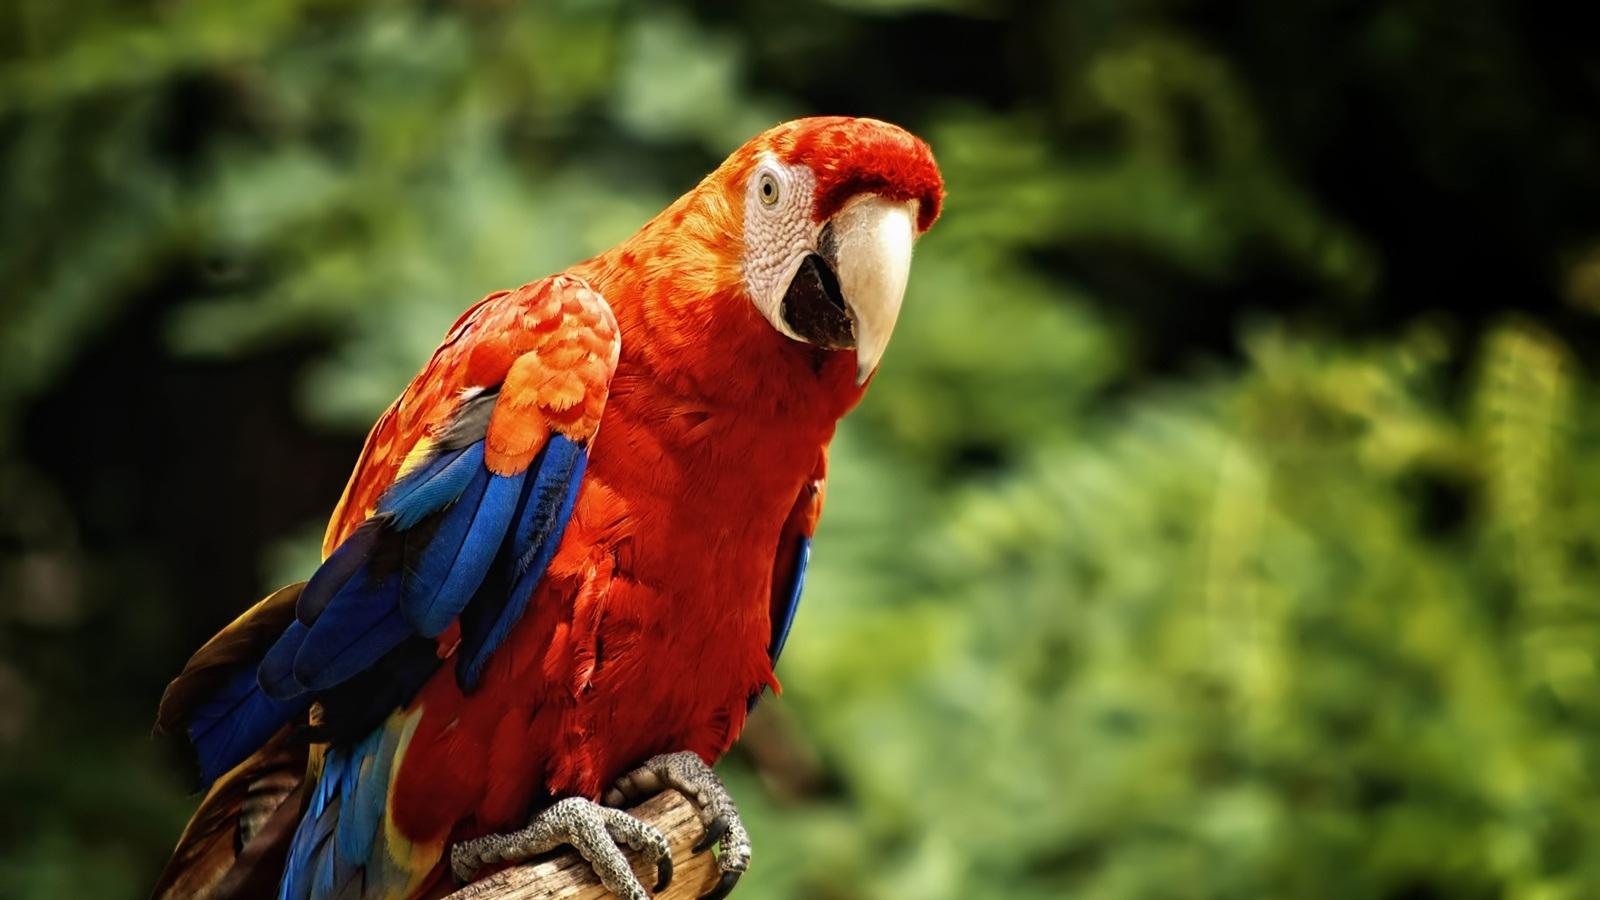 Красный попугай на фоне зеленой листвы, скачать фото, обои для рабочего стола